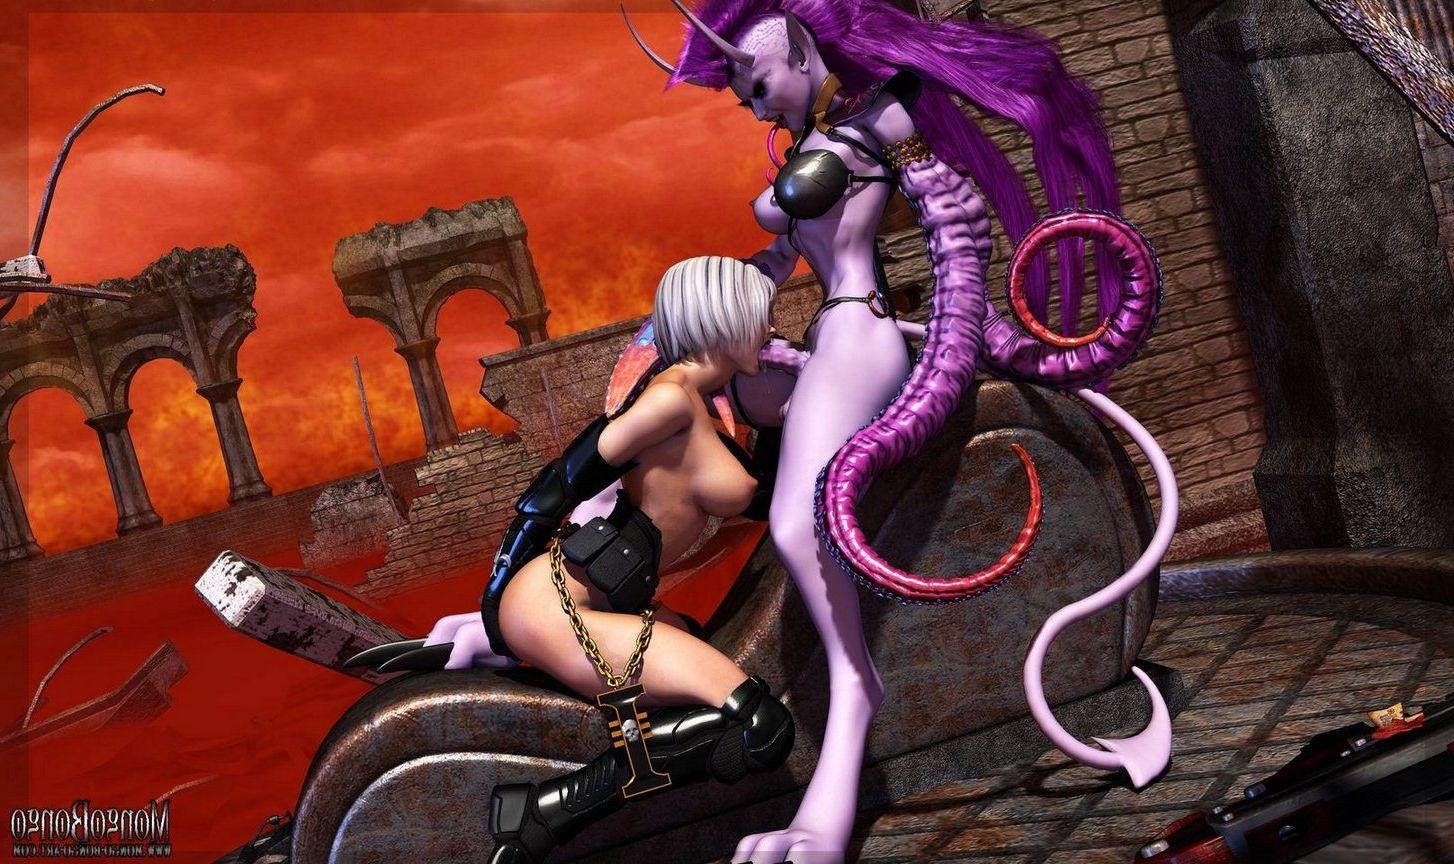 battle-sister-daemonette image_22378.jpg